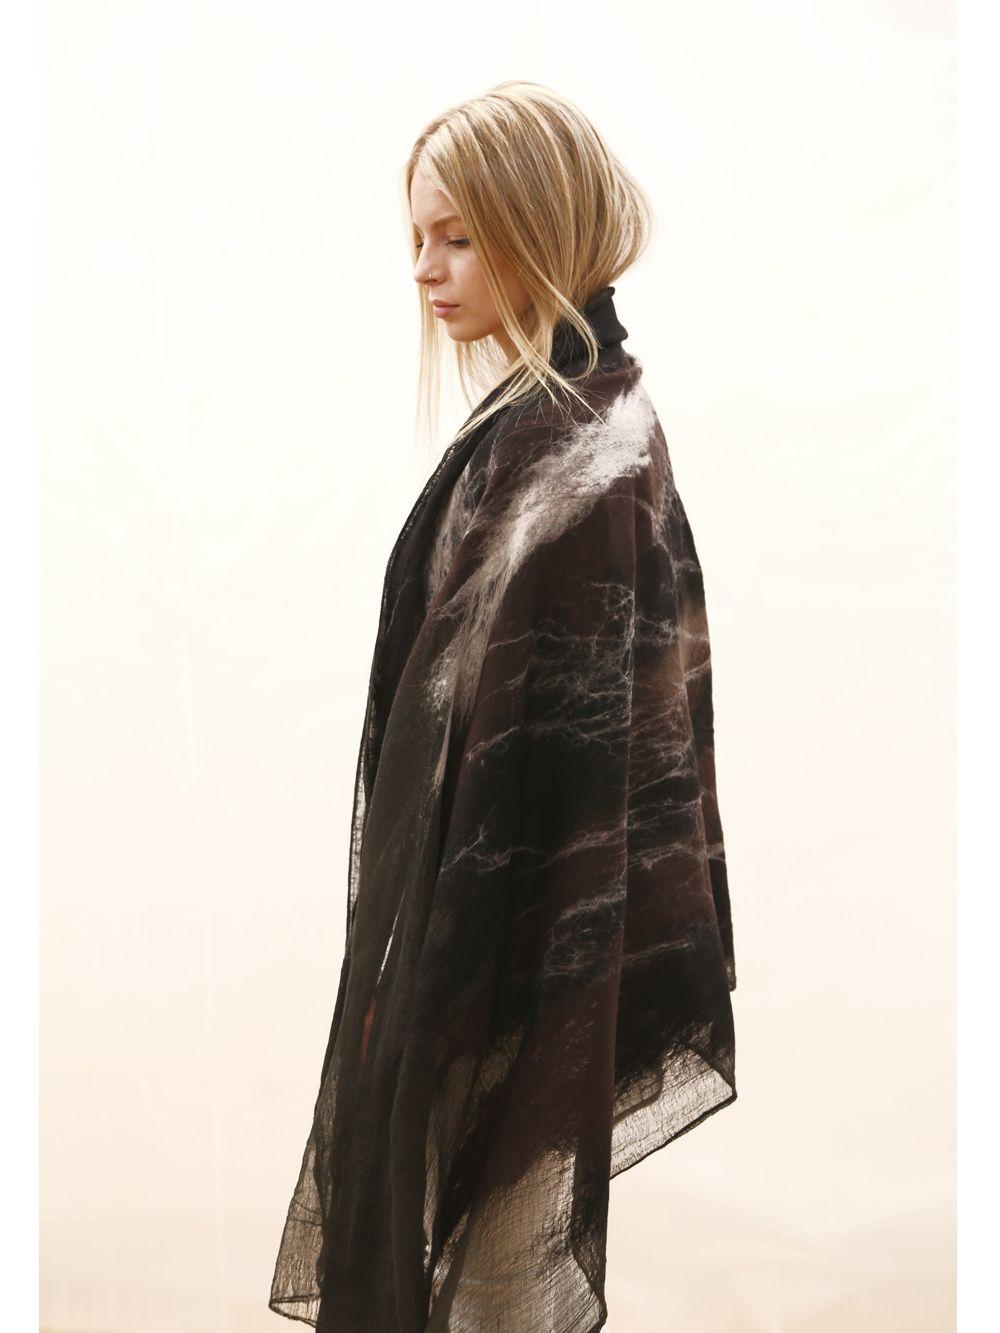 371fcce0e slowlab firenze felt OVERSIZED merino wool scarf | Scarves | Blanket ...